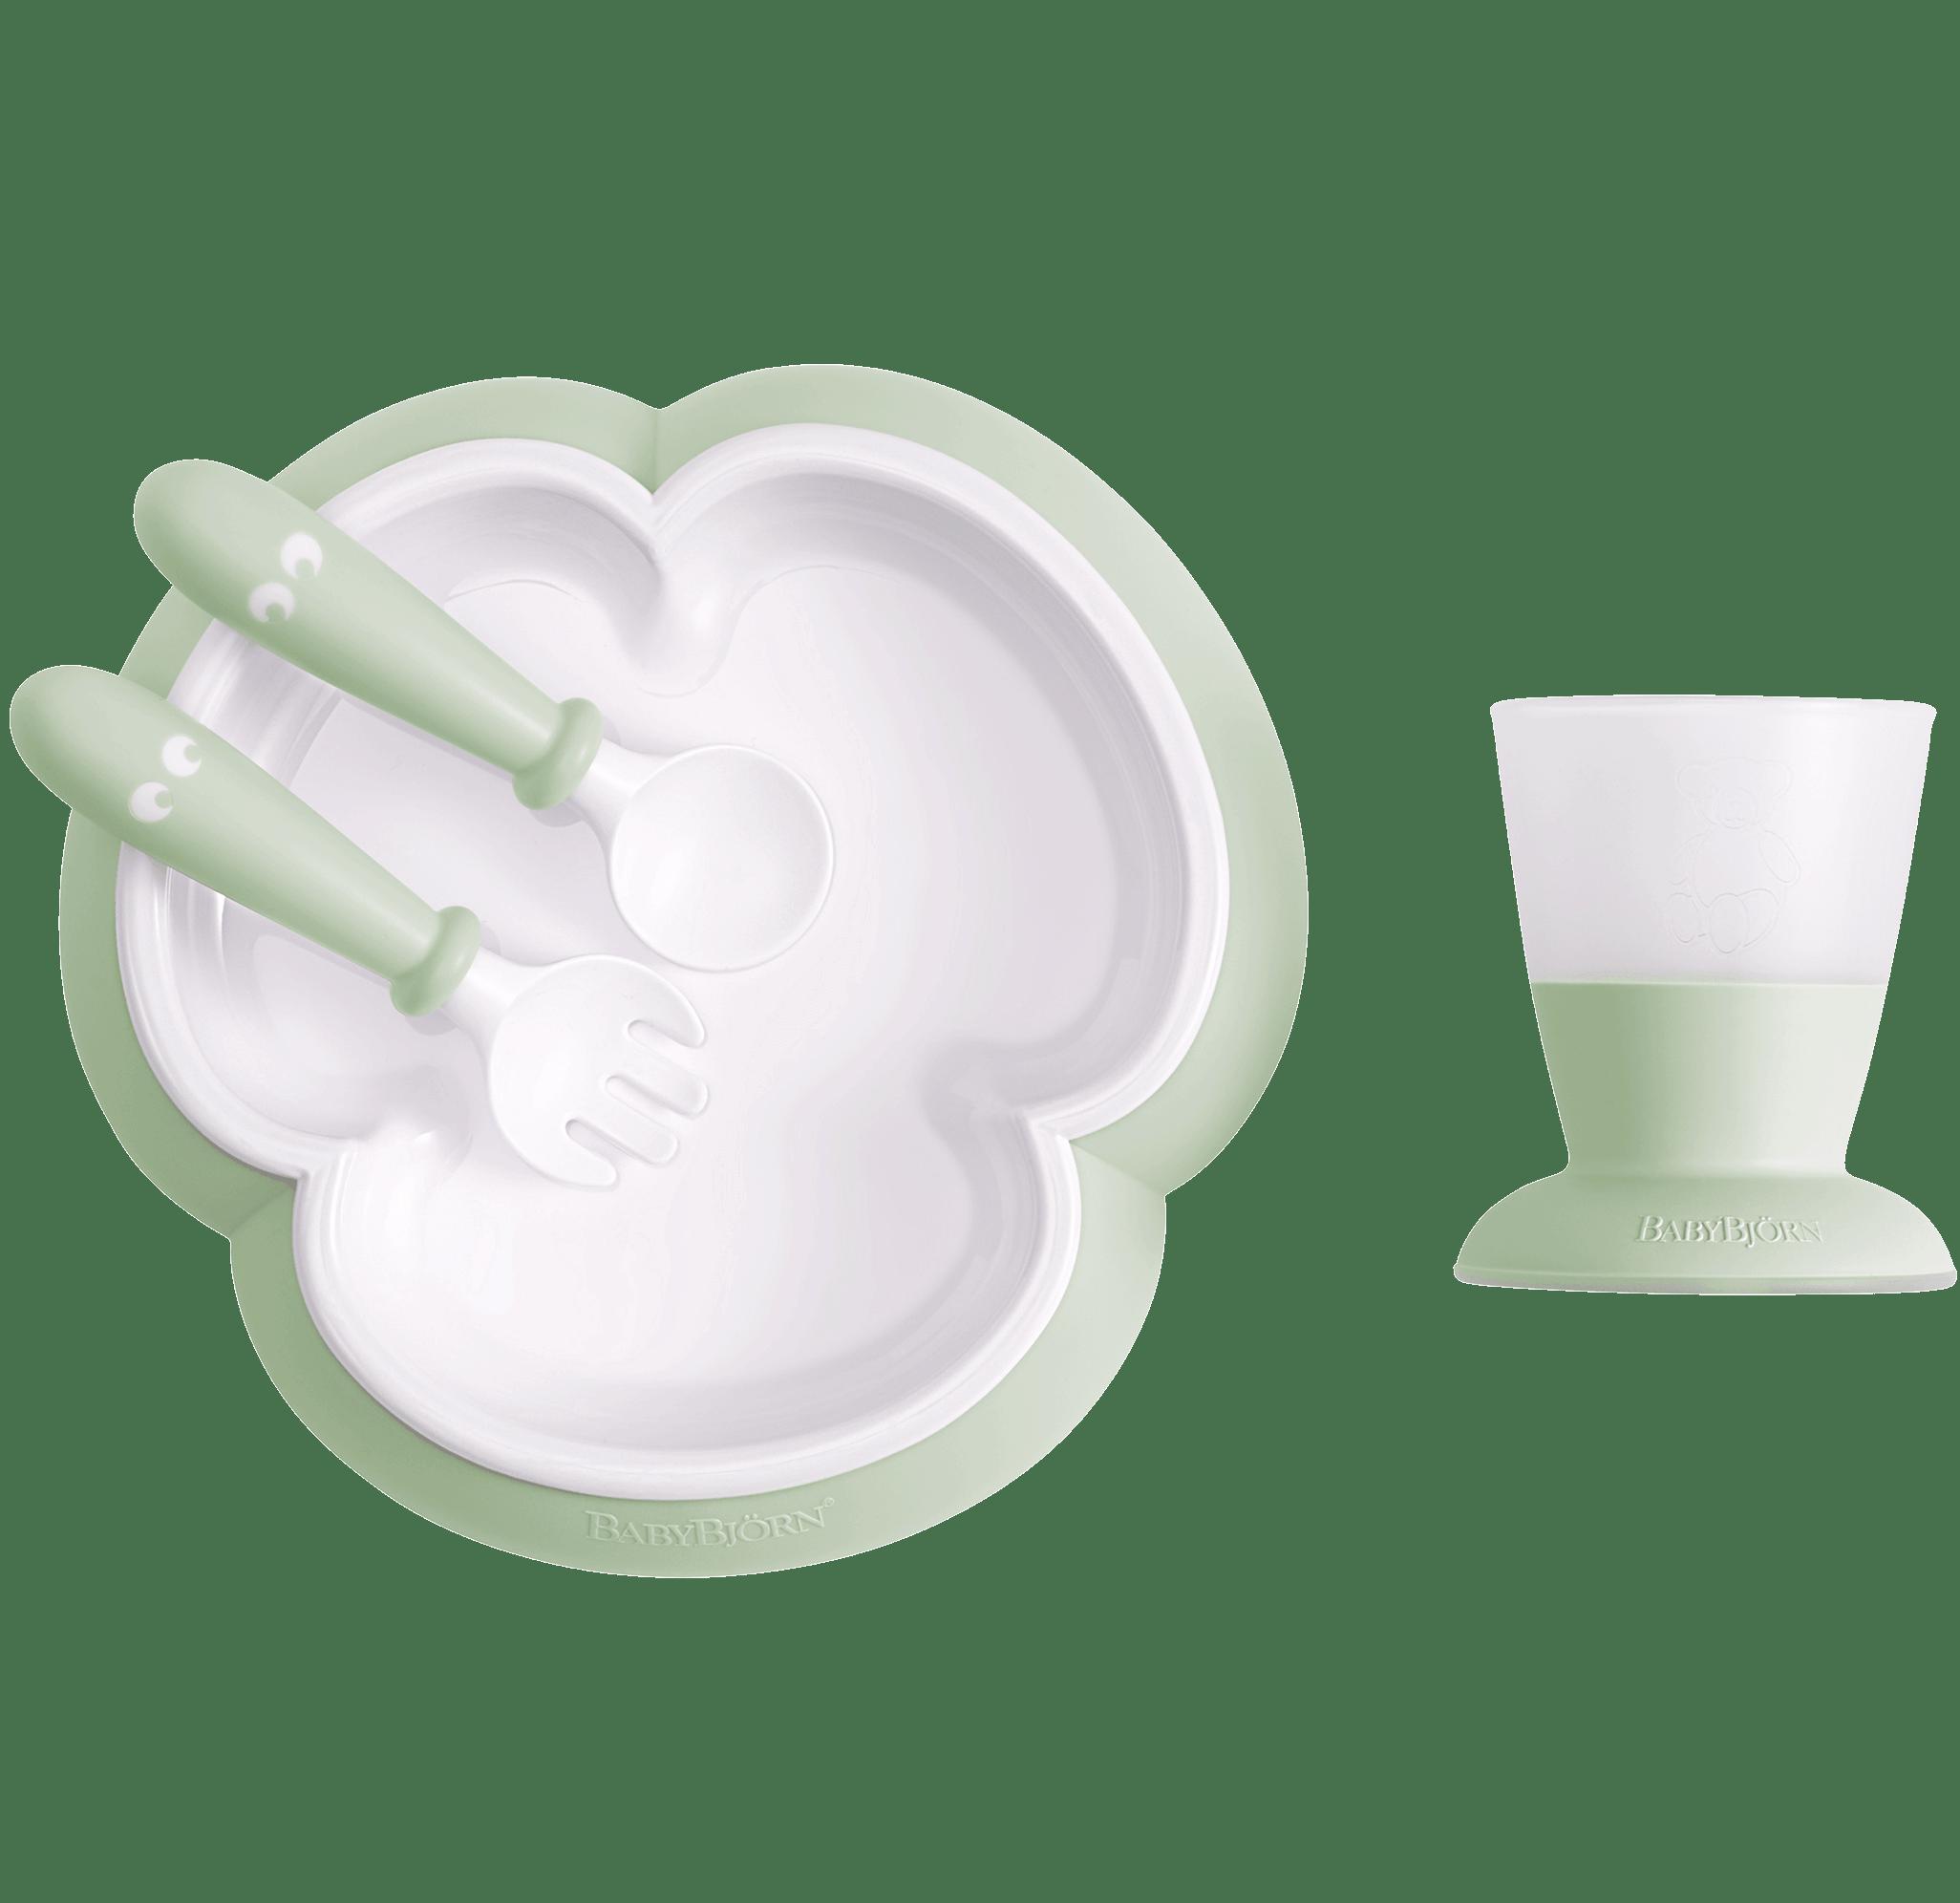 Baby feeding set with smart design makes self-feeding easy, Powder green - BABYBJÖRN